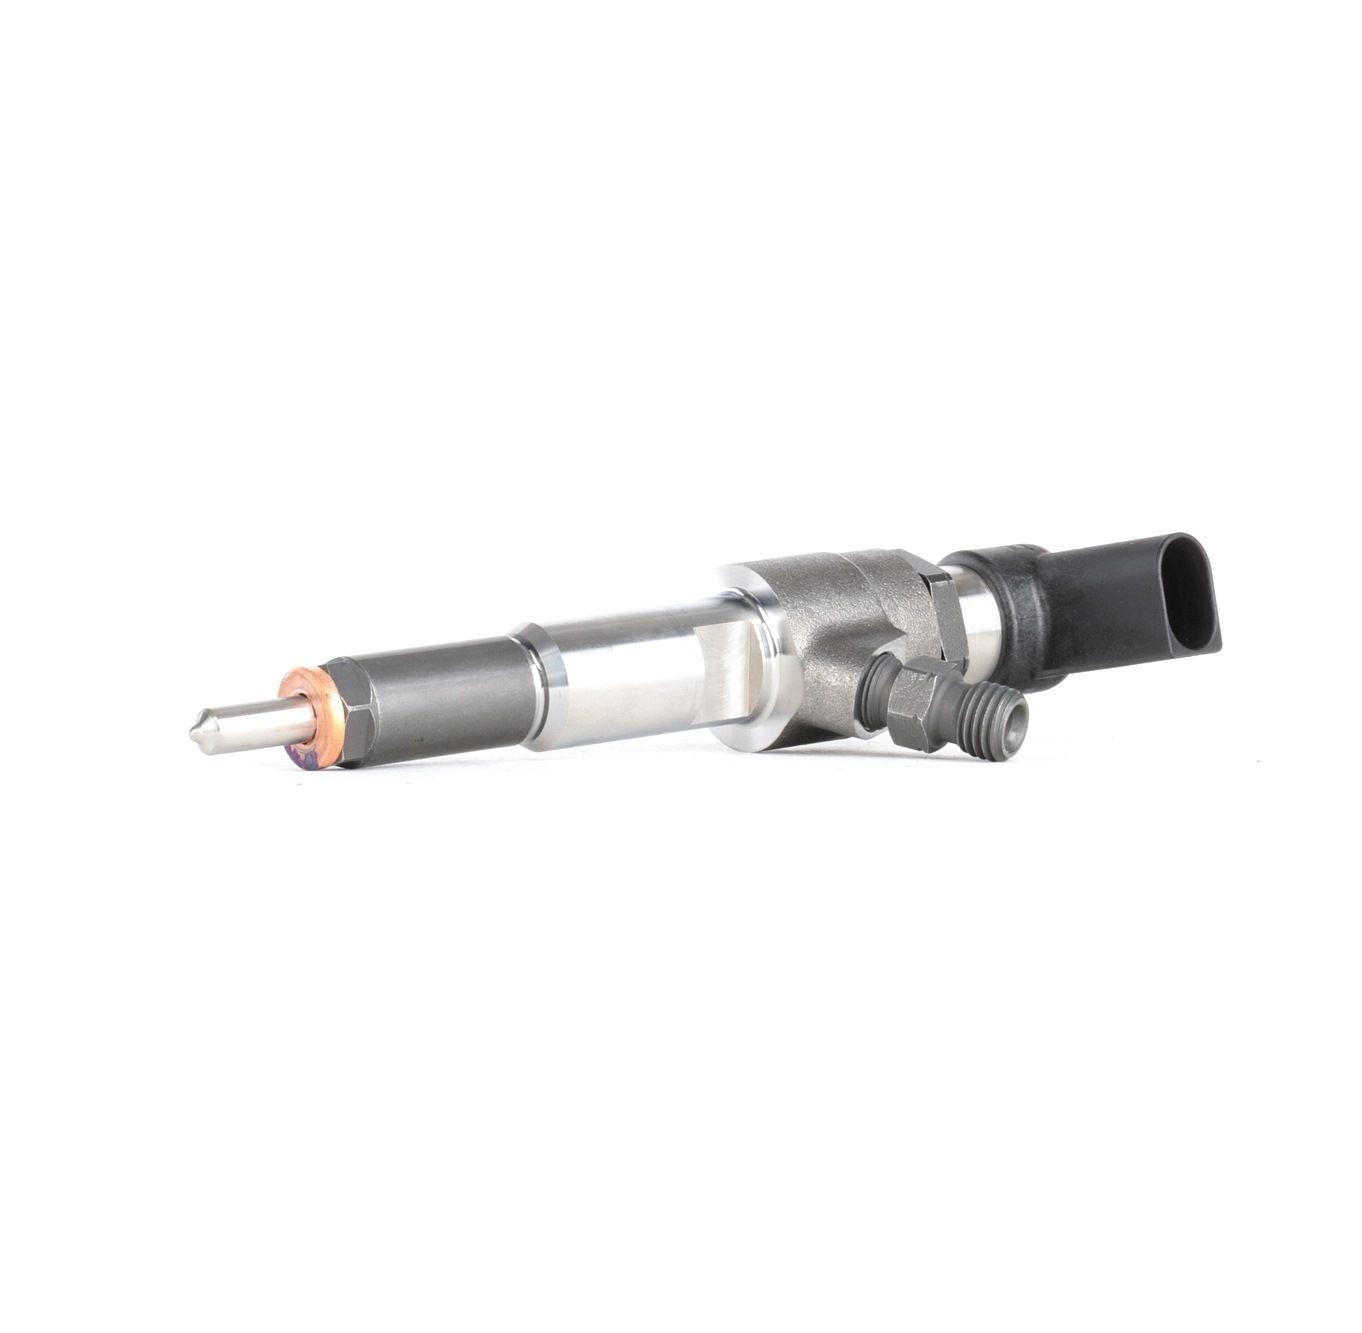 Pieces detachees PEUGEOT 1007 2019 : Injecteur VDO A2C59511612 - Achetez tout de suite!